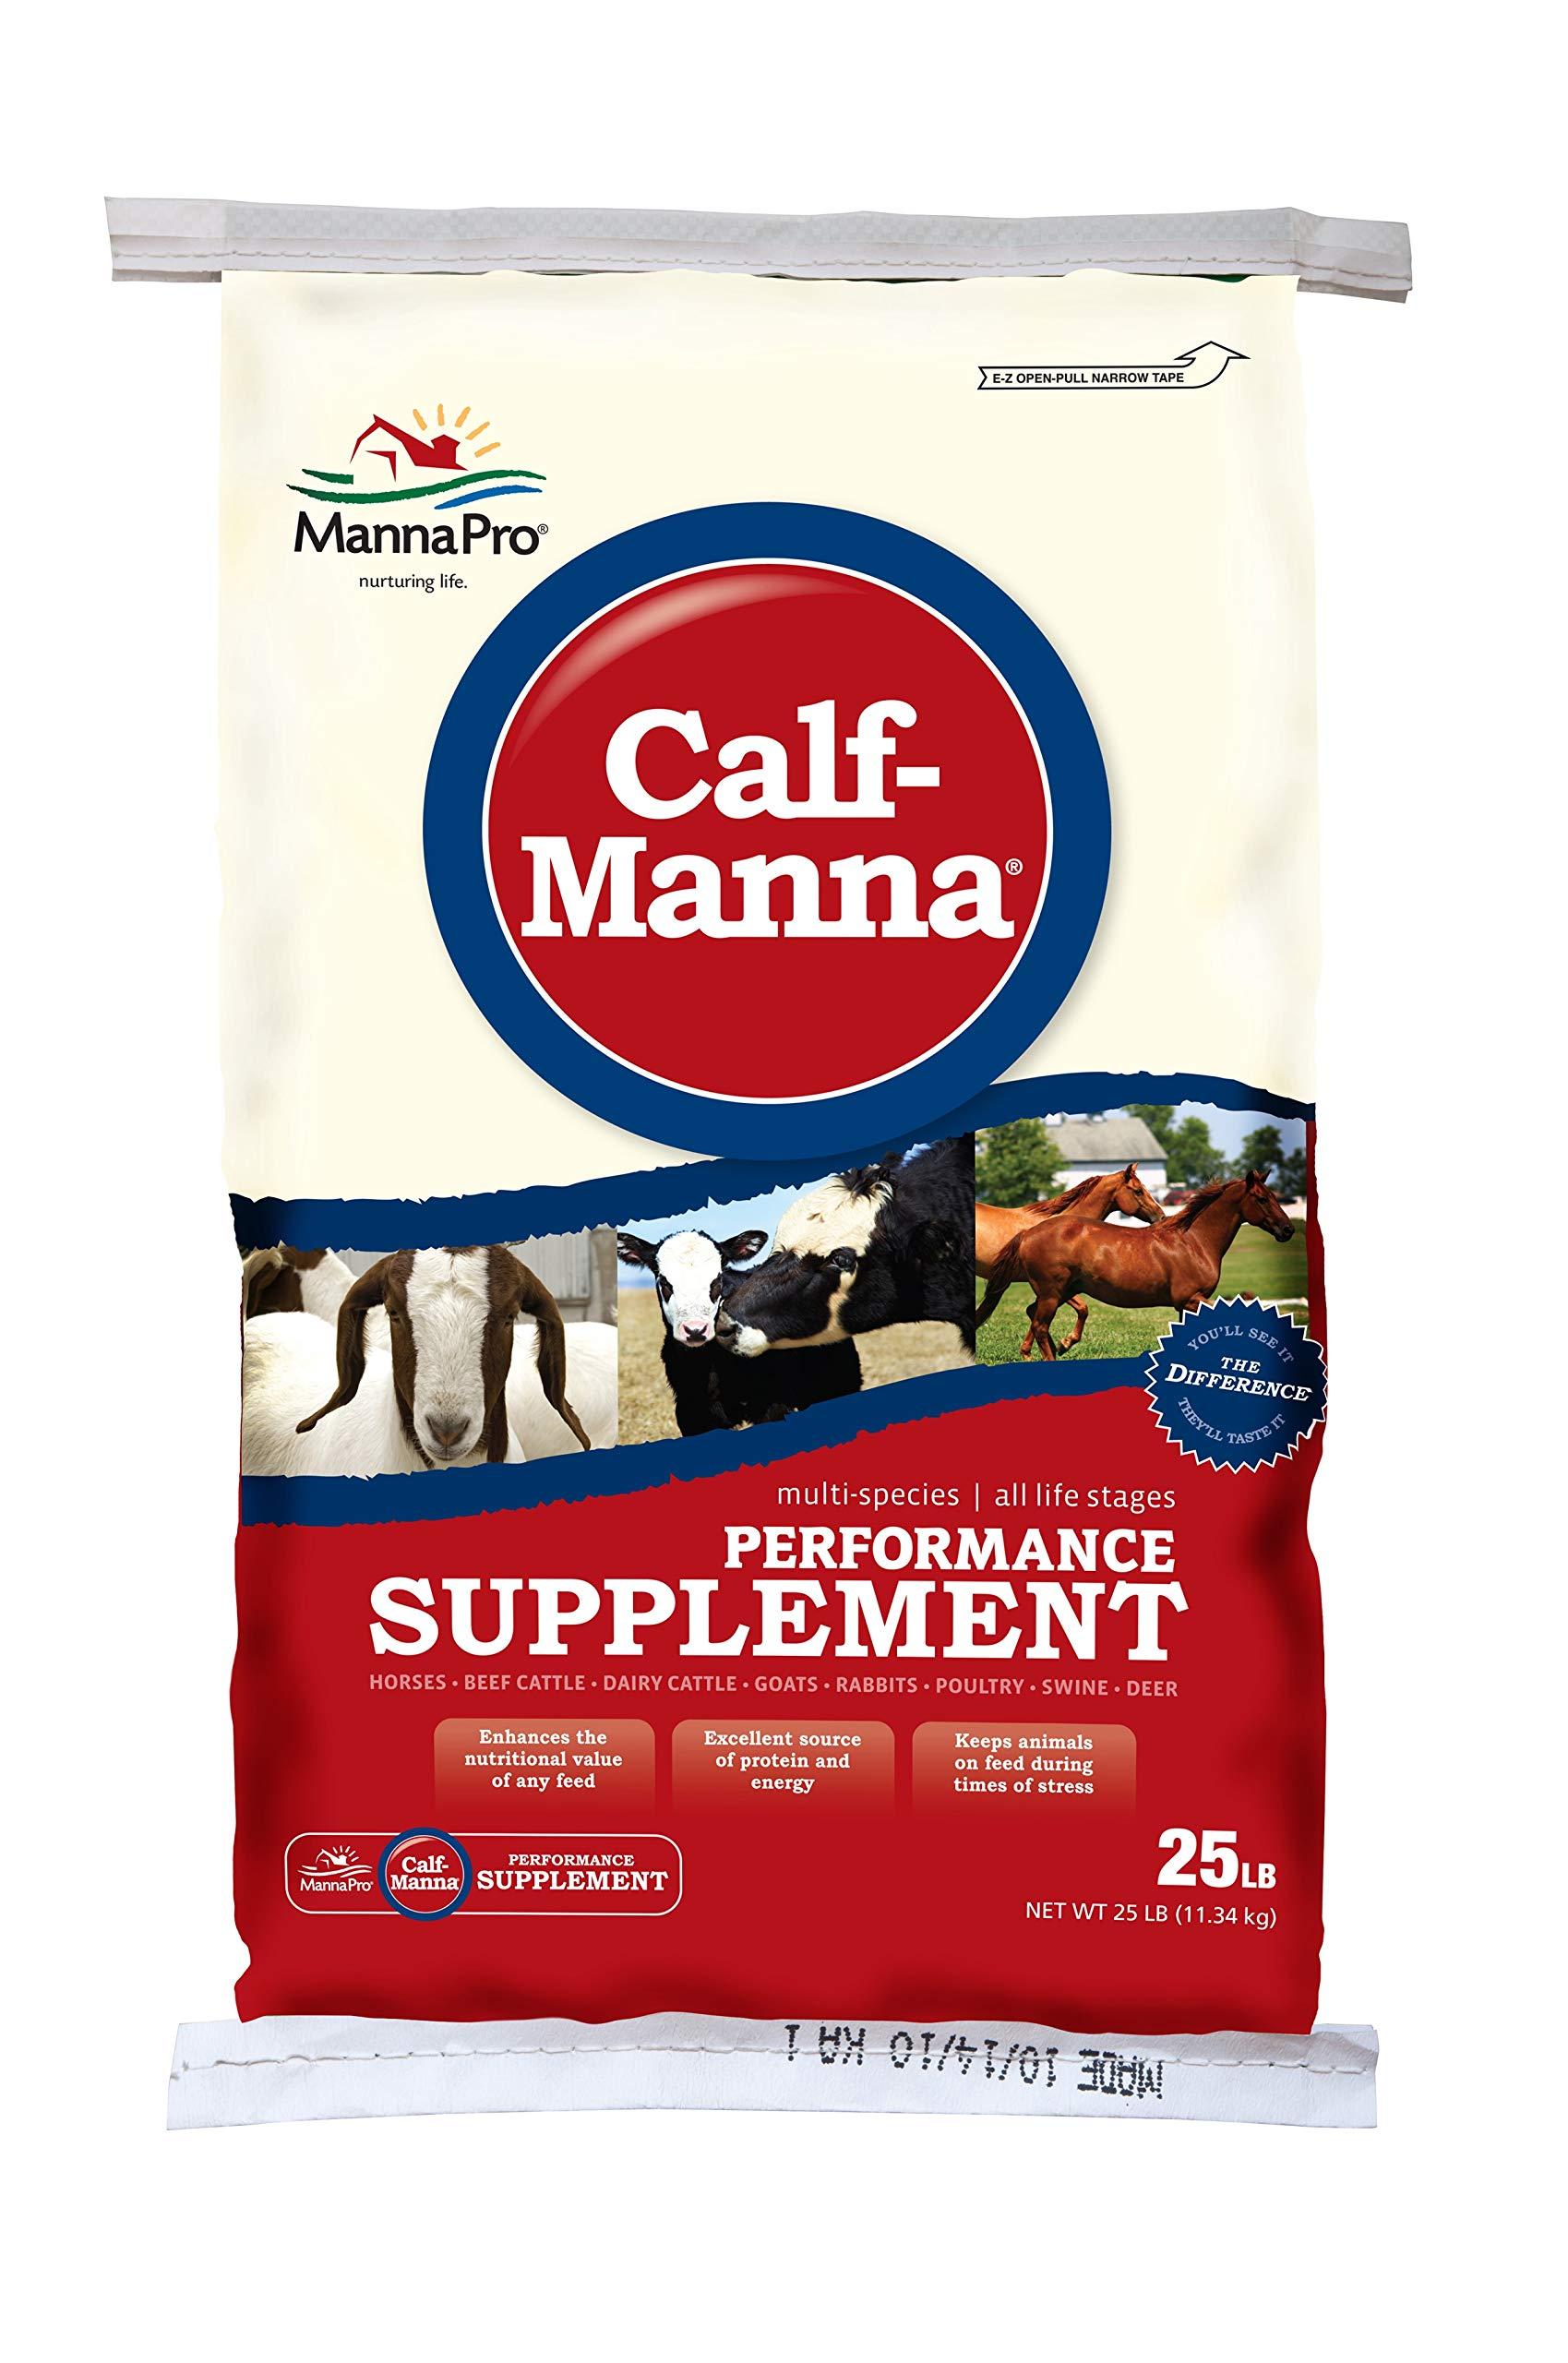 Manna Pro Calf-Manna Supplement